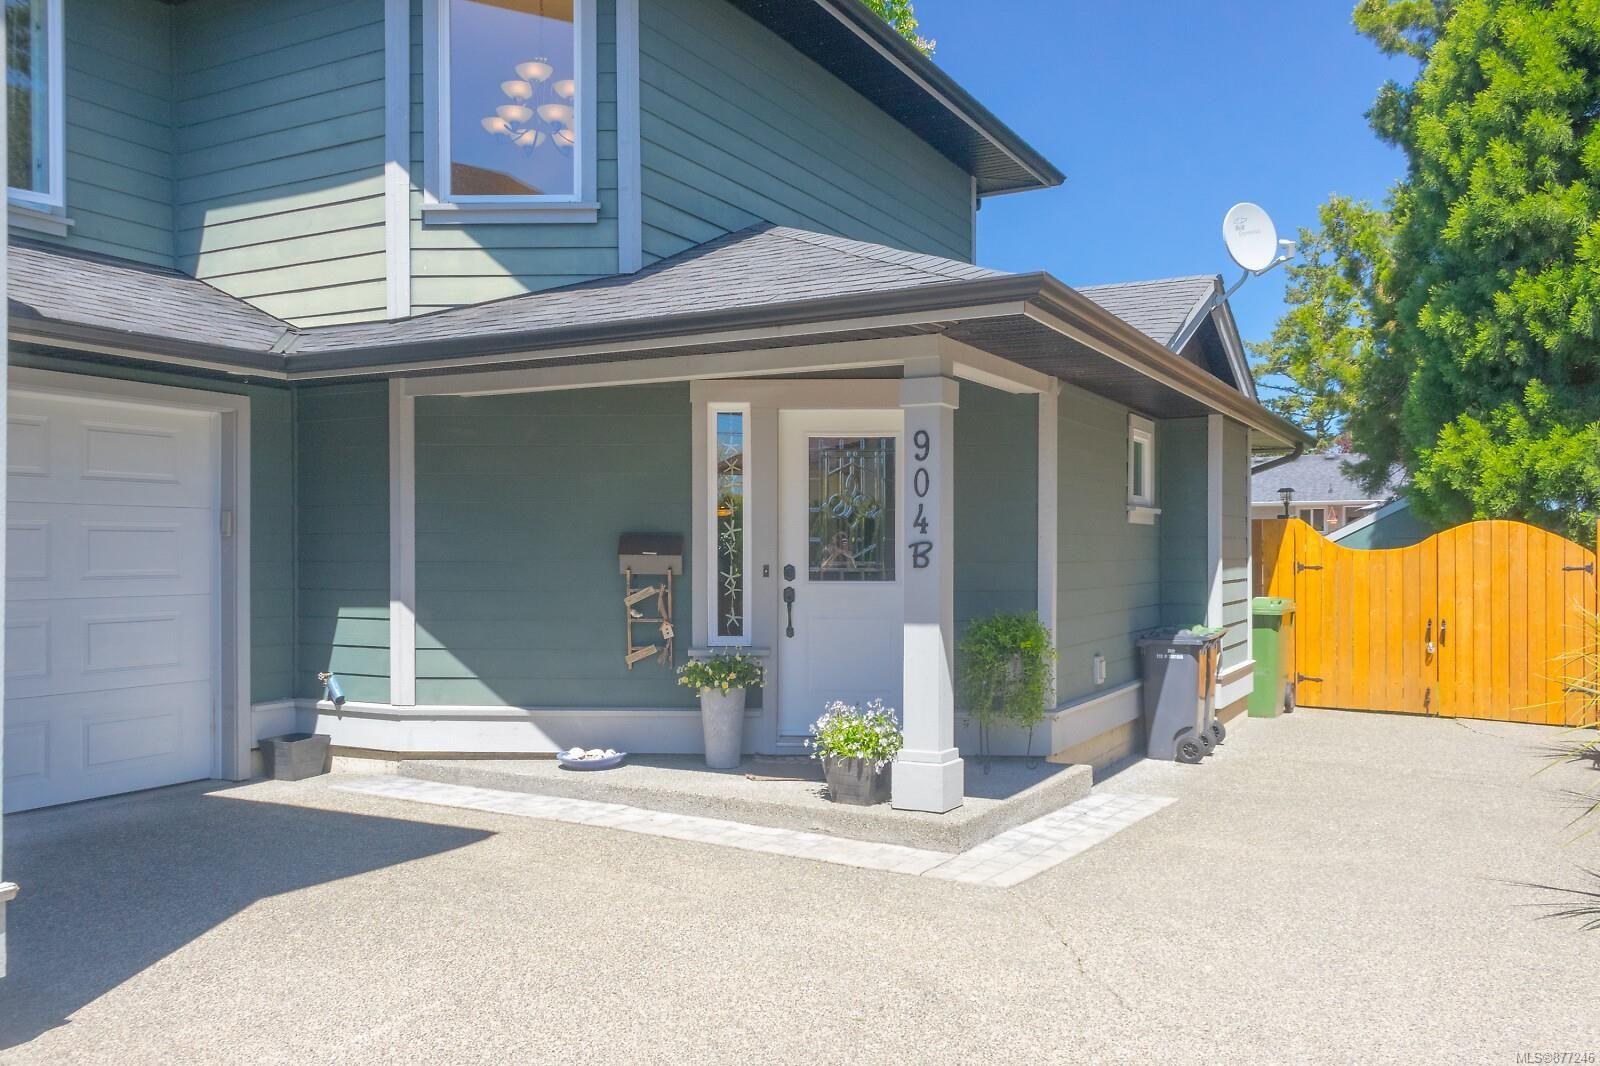 Main Photo: B 904 Old Esquimalt Rd in : Es Old Esquimalt Half Duplex for sale (Esquimalt)  : MLS®# 877246